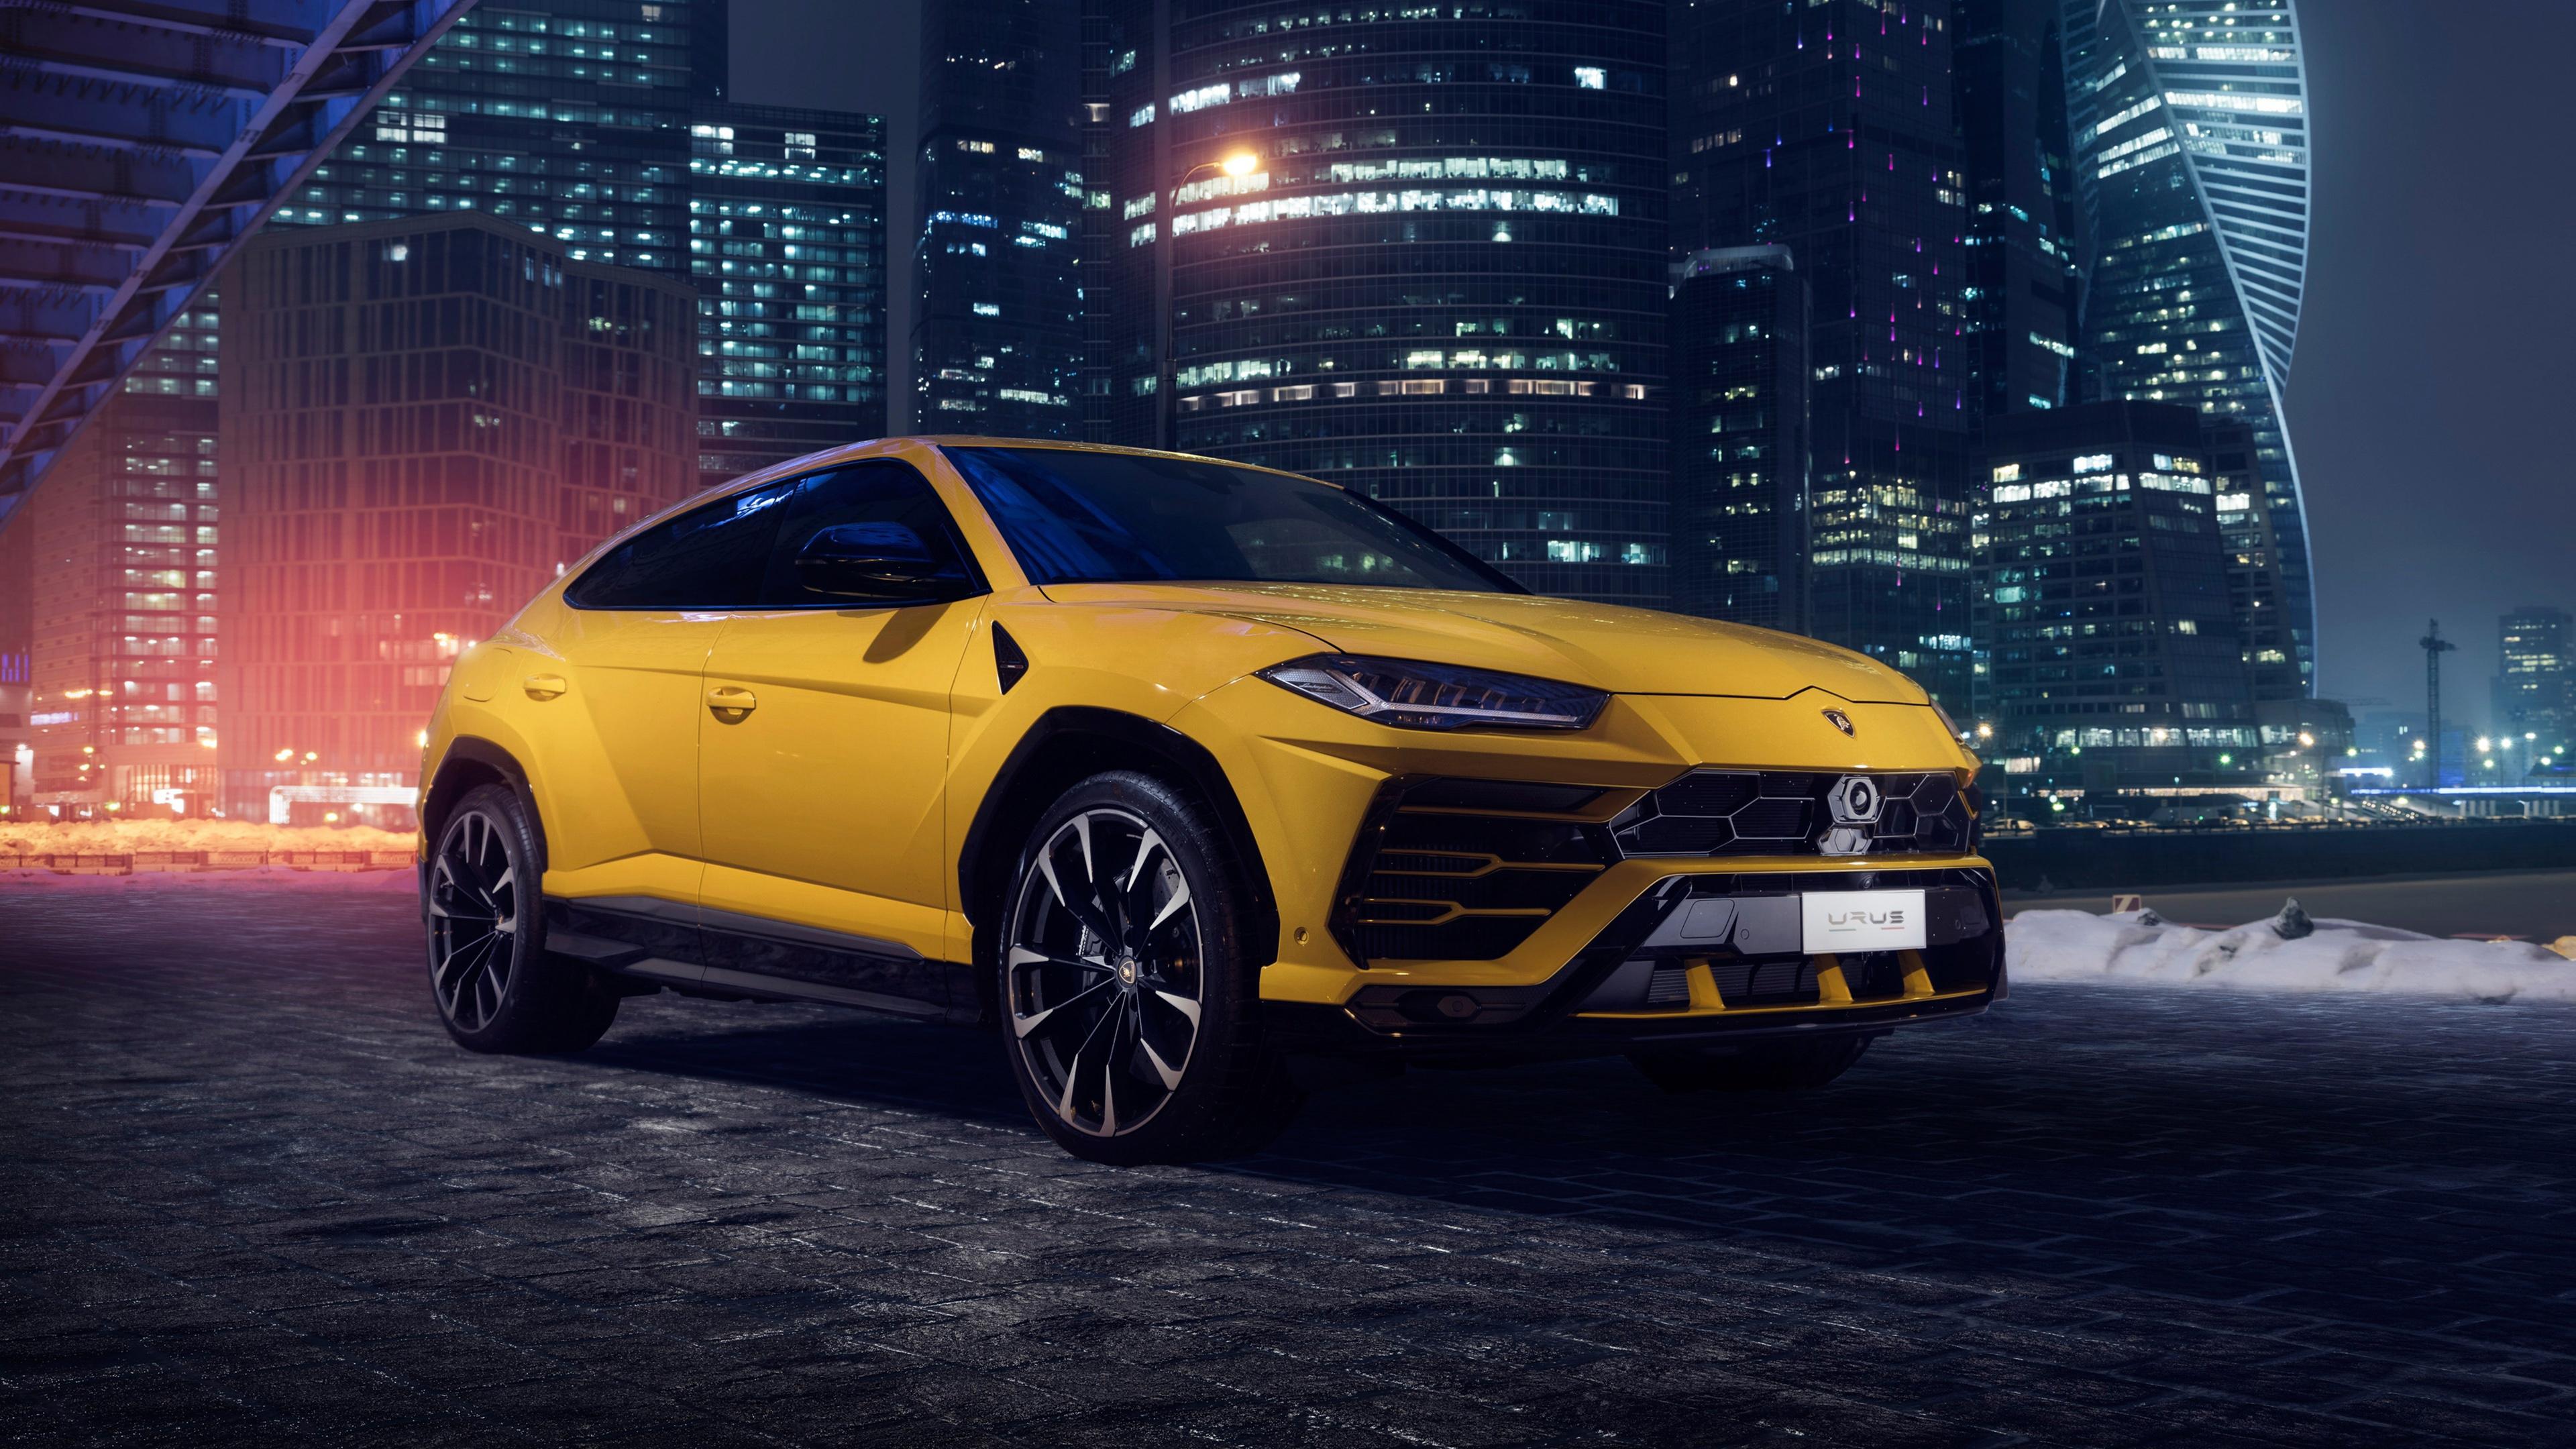 Ярко-желтый спортивный автомобиль в неоновых огнях небоскребов